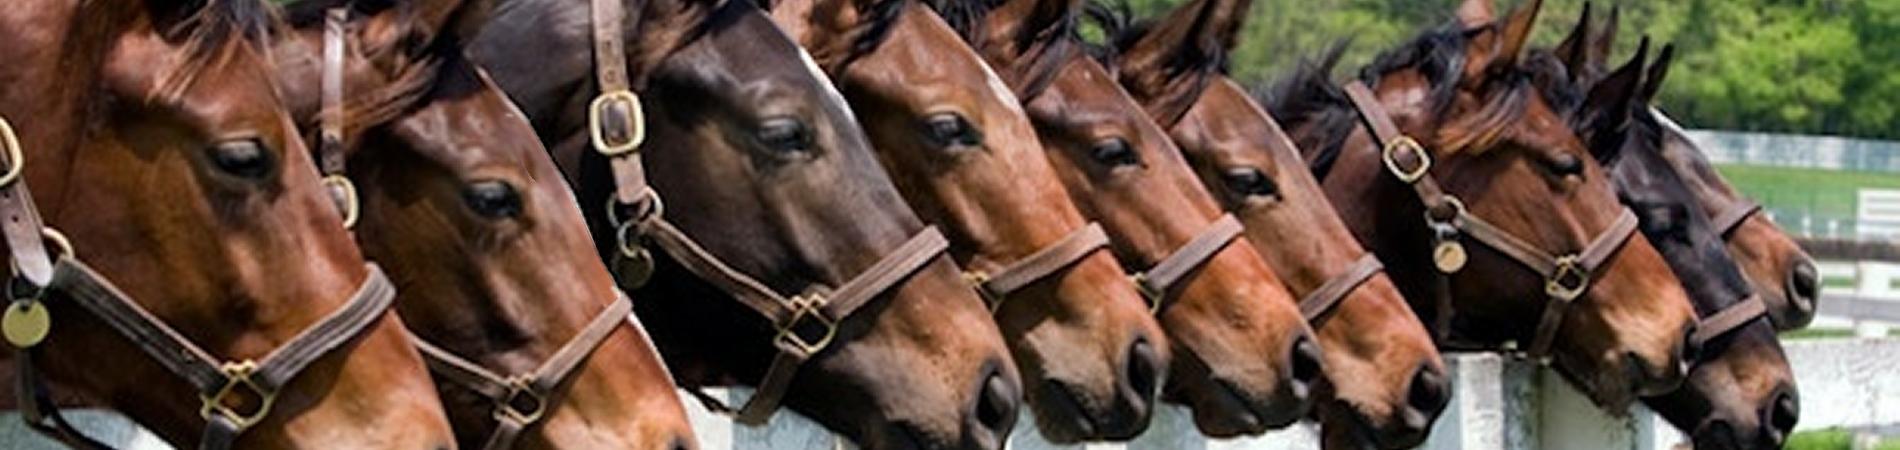 HorseFaces